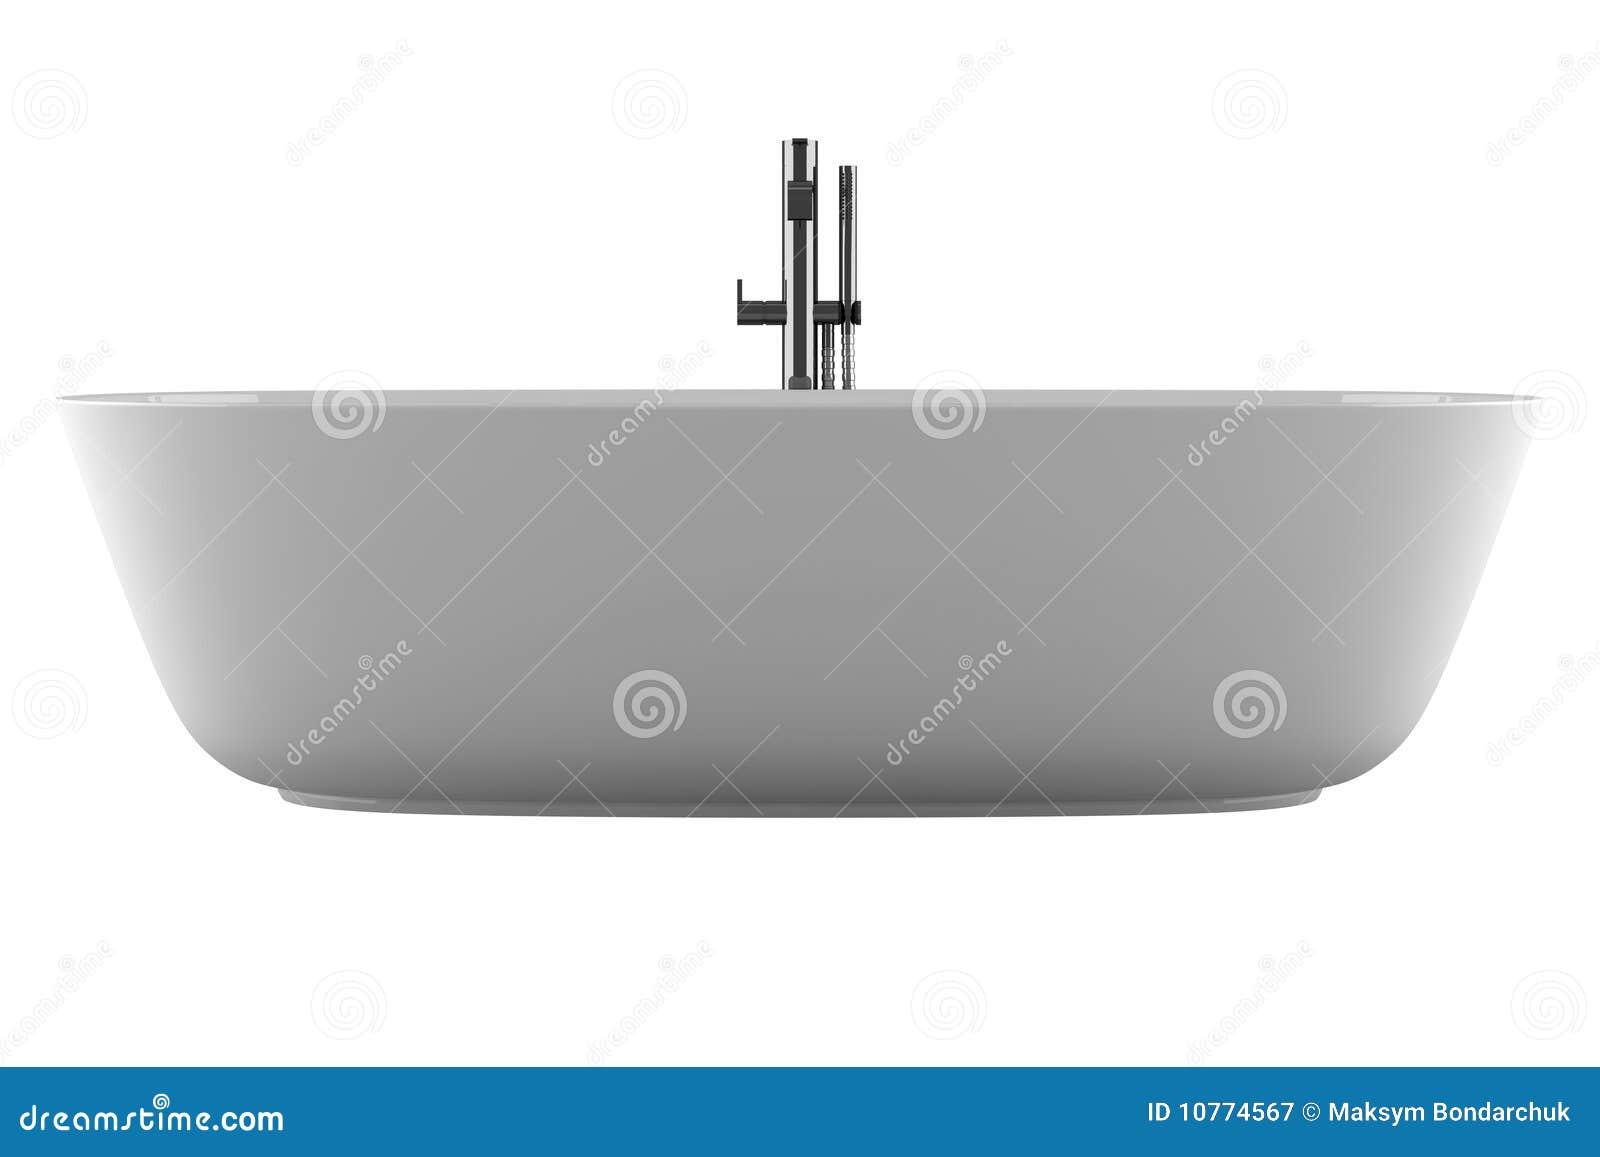 Vasca Da Bagno Bassa : Vasca da bagno isolata su priorità bassa bianca illustrazione di